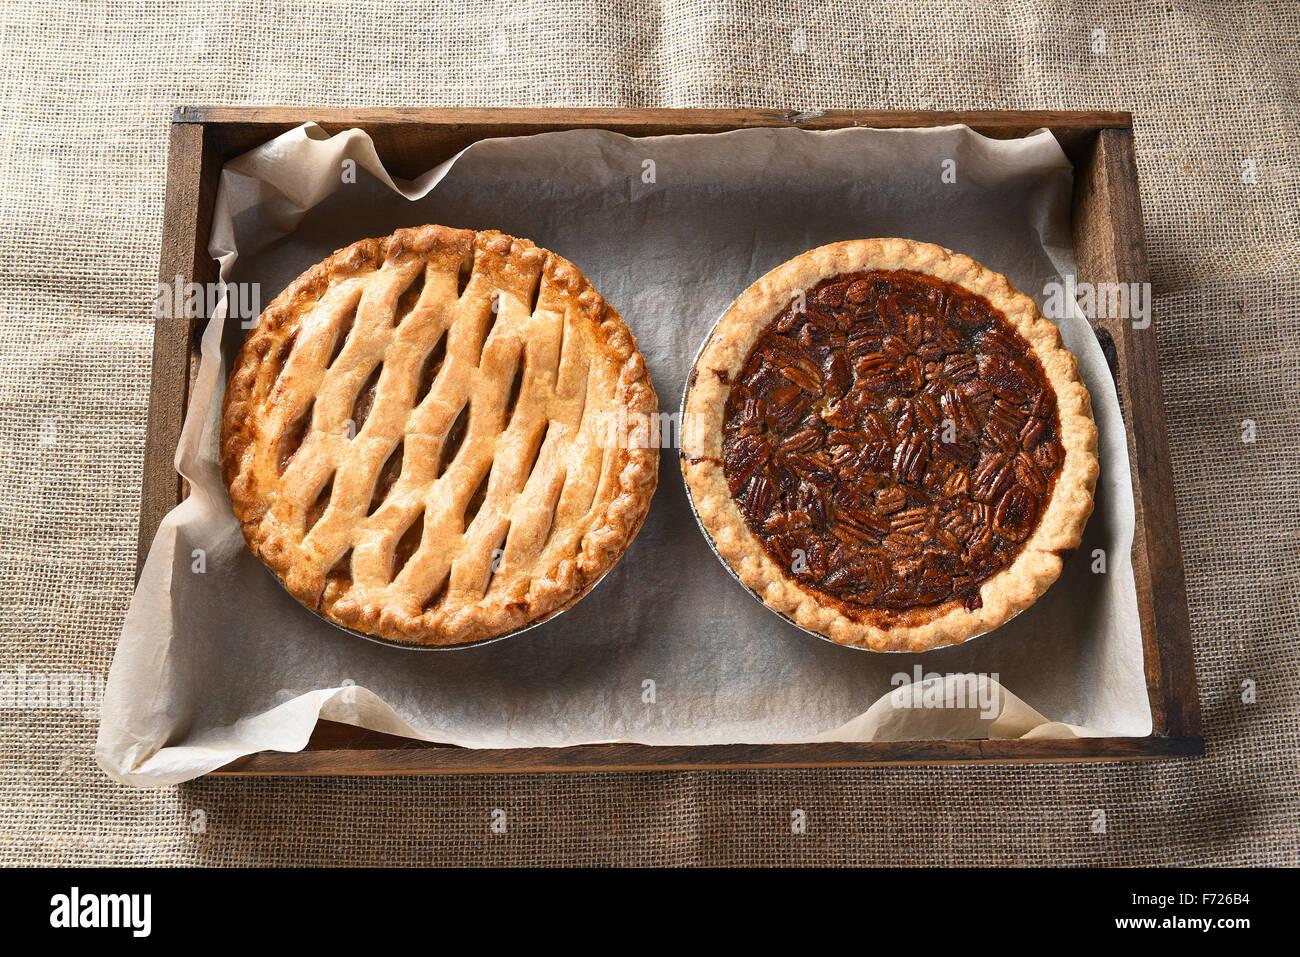 Un alto ángulo de visualización de un pastel de manzana y tarta pecan en una caja de madera forrada con Imagen De Stock